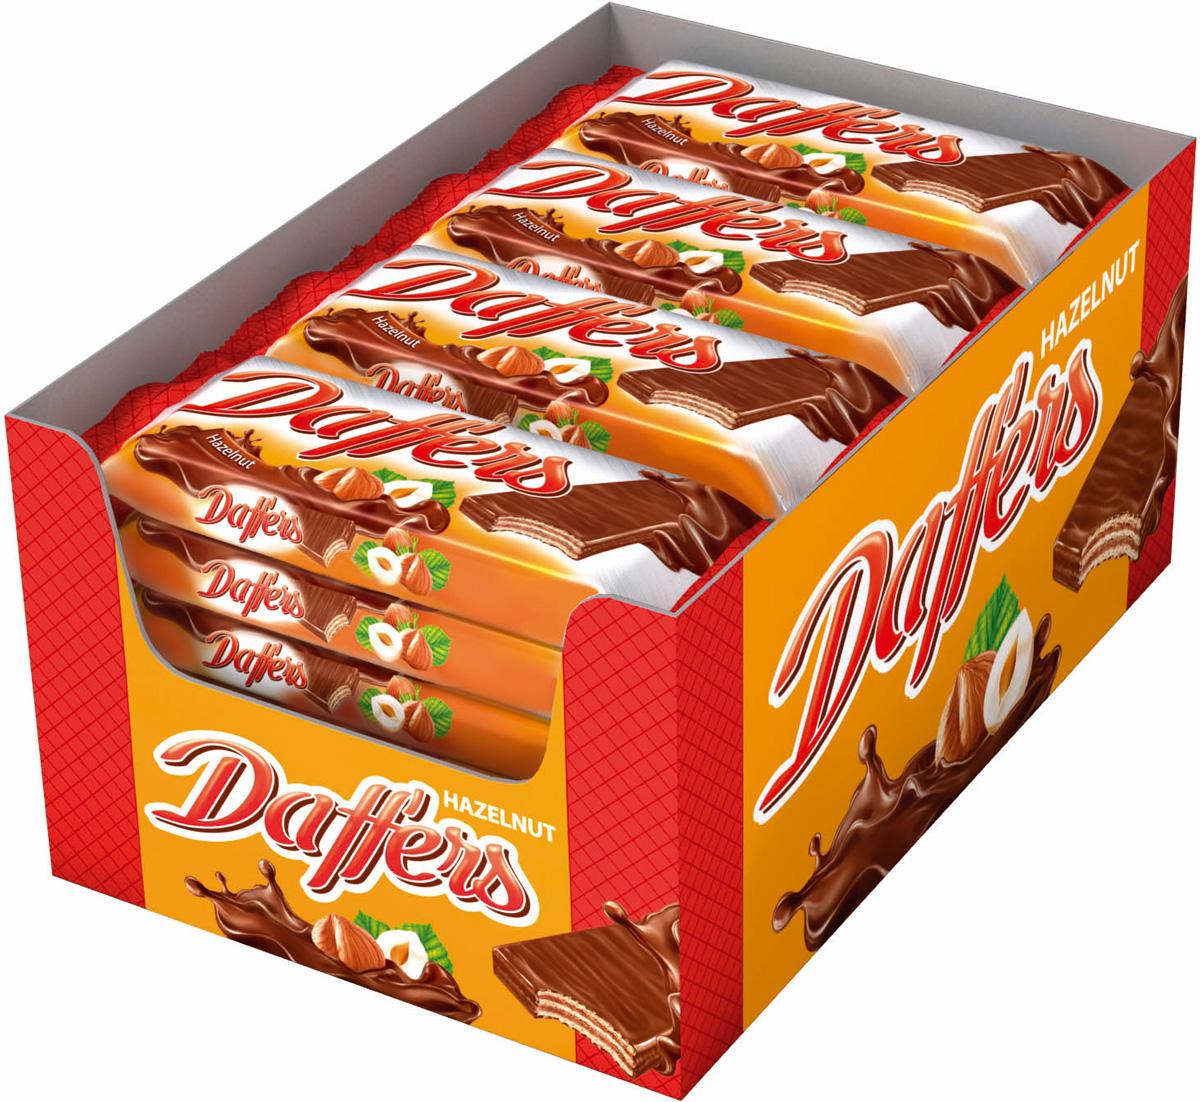 Daffers вафли с кремовой начинкой с лесными орехами в молочно - какао глазури, 28 шт по 30 г bona vita батончик ореховый с семенами подсолнечника орехами и медом в шоколадной глазури 35 г